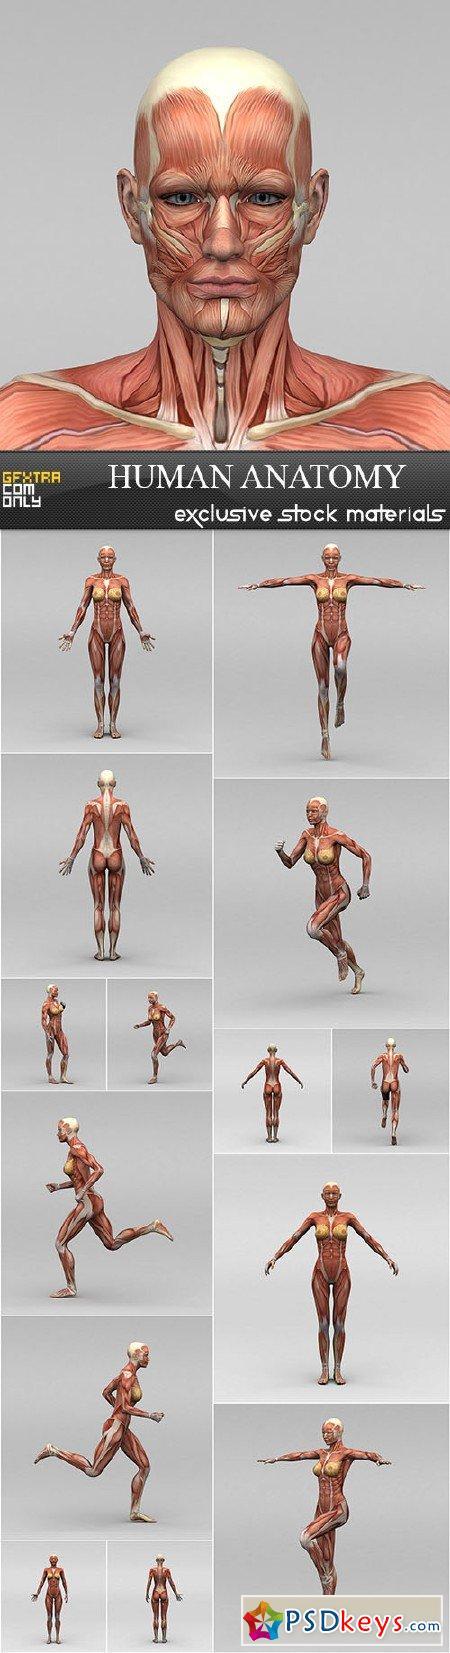 Human Anatomy 15xUHQ JPEG